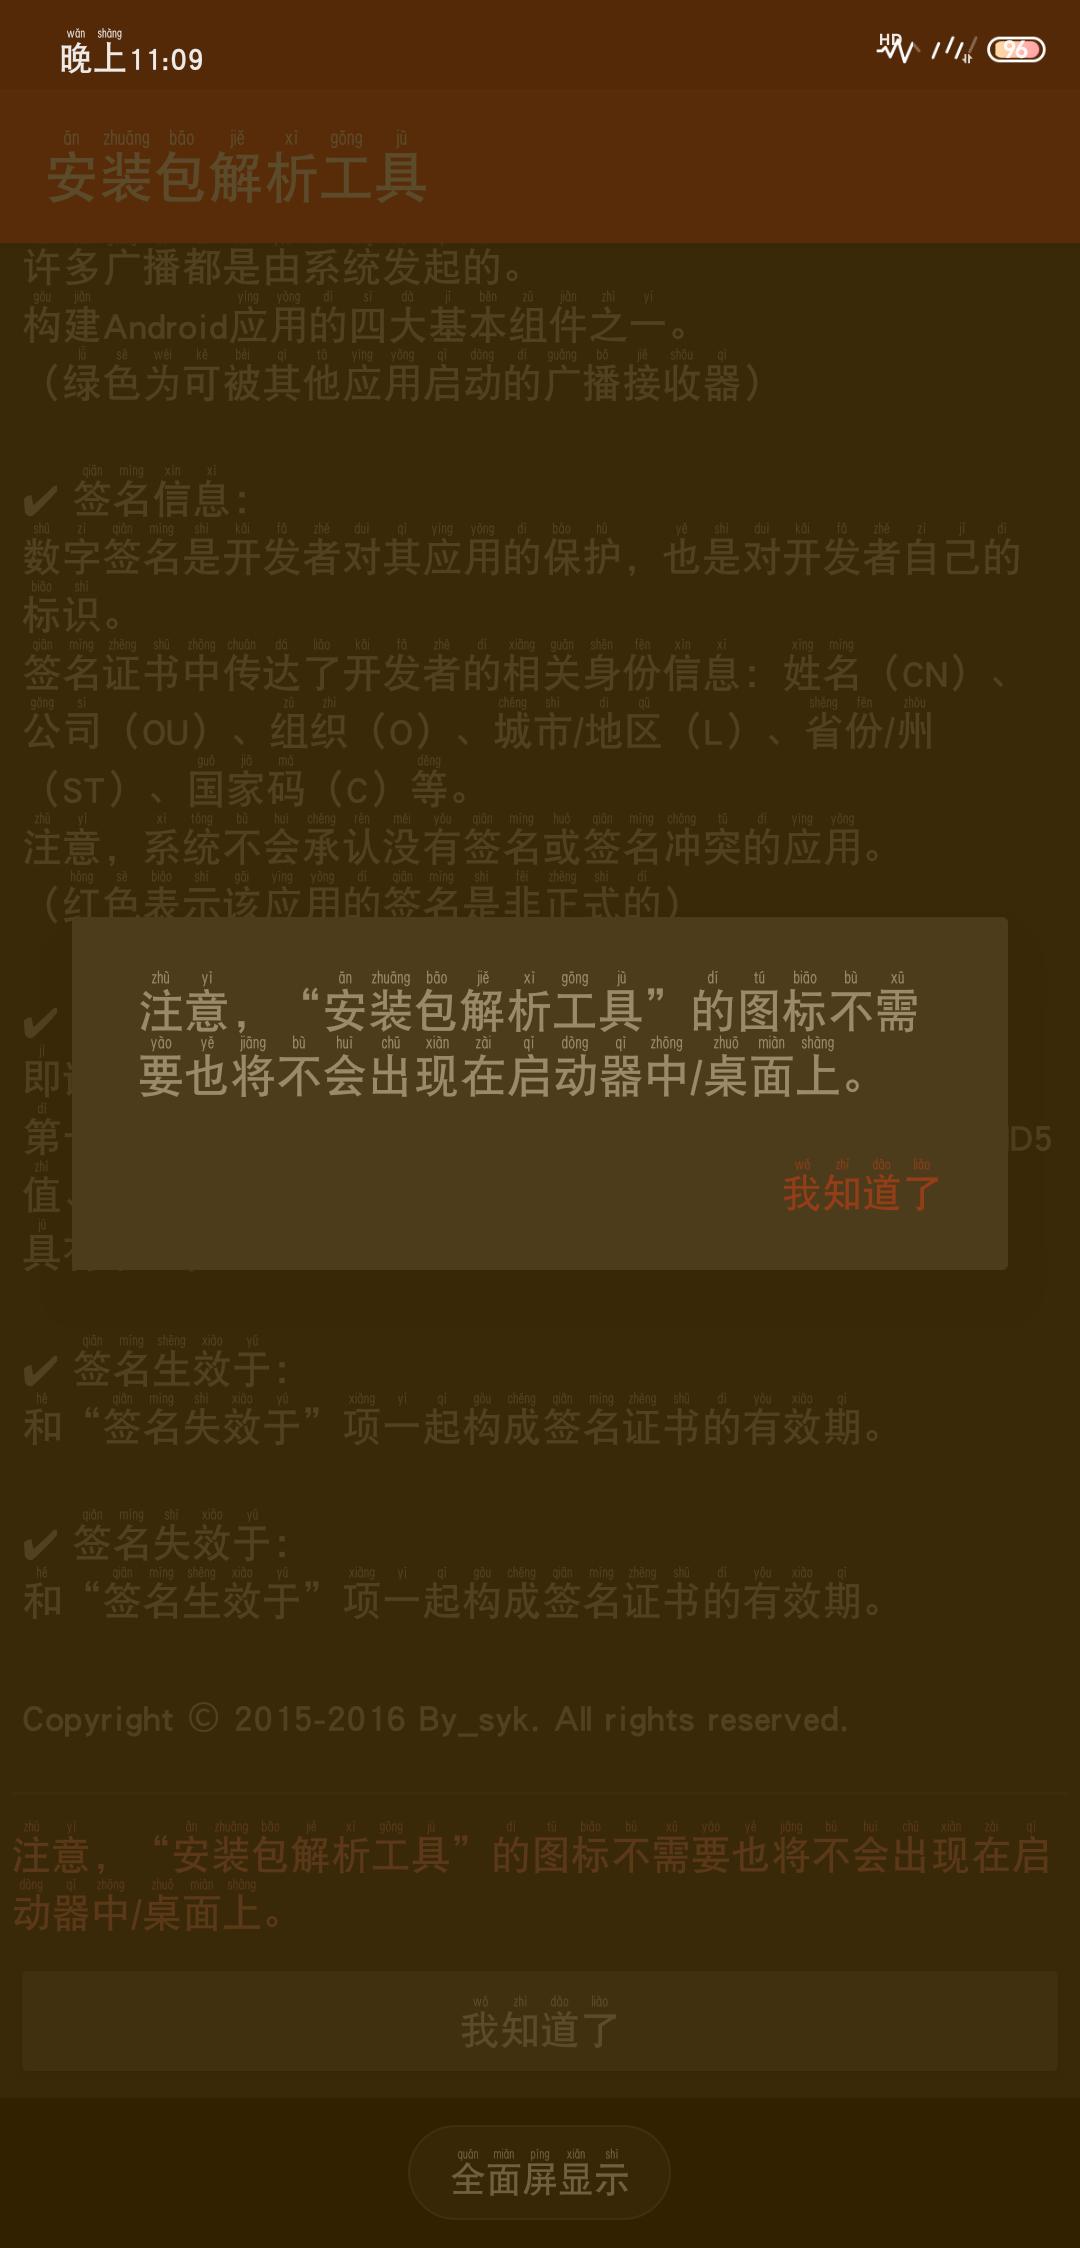 """【分享】""""安装包解析工具""""1.4.4用于查看APK安装包详细信息-爱小助"""